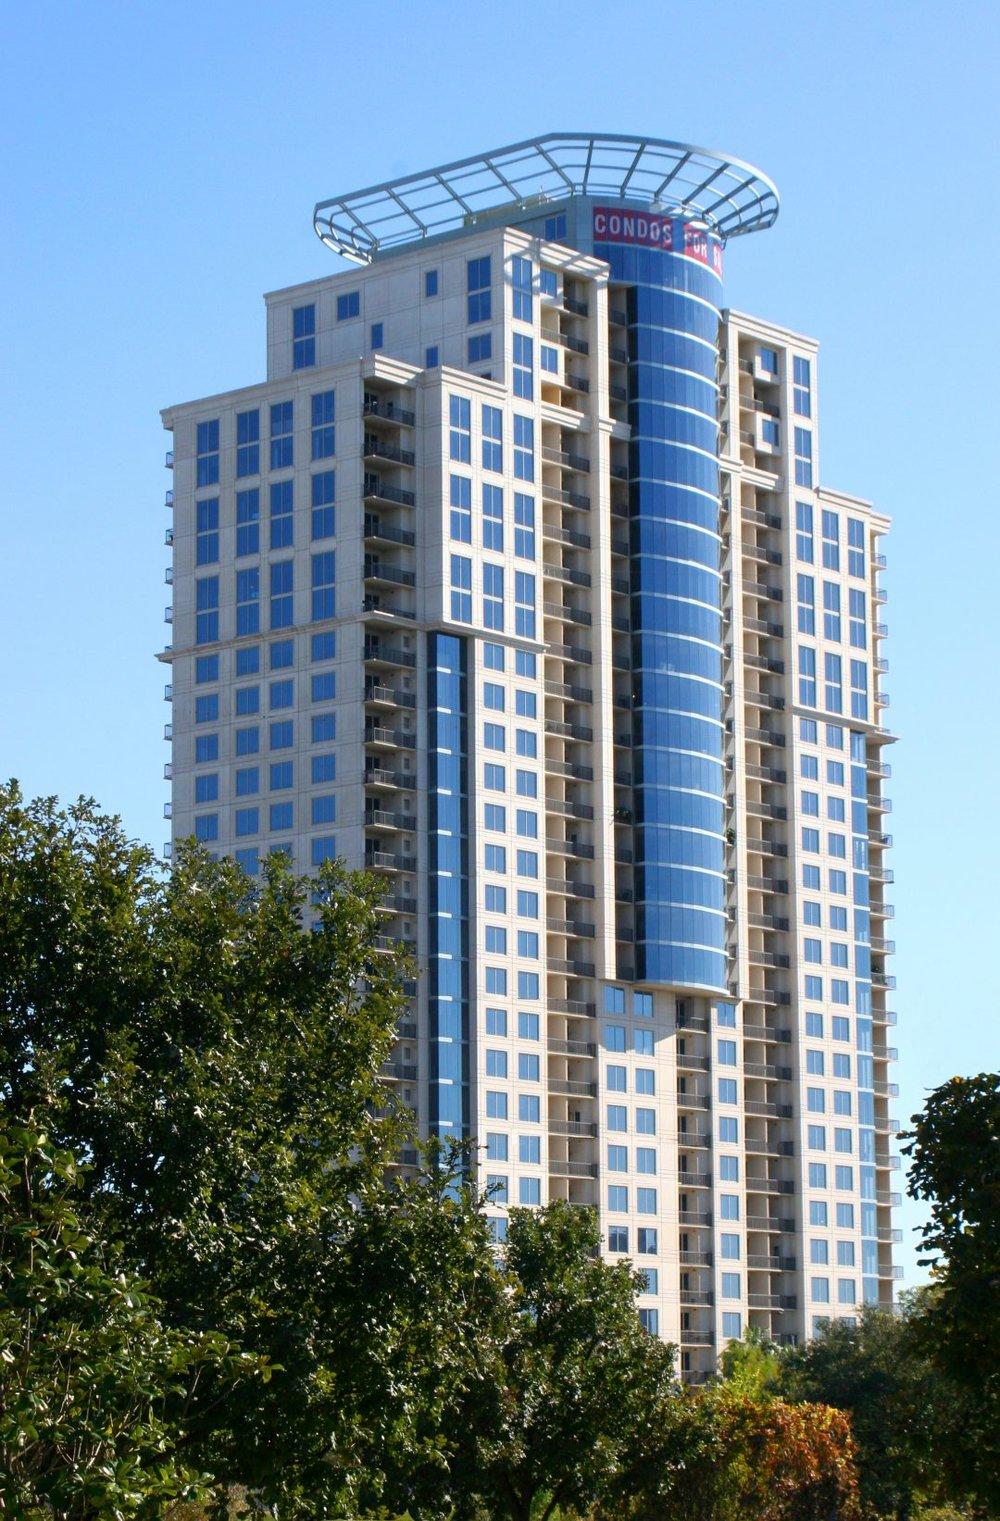 Allen Parkway Condos - Houston, Texas